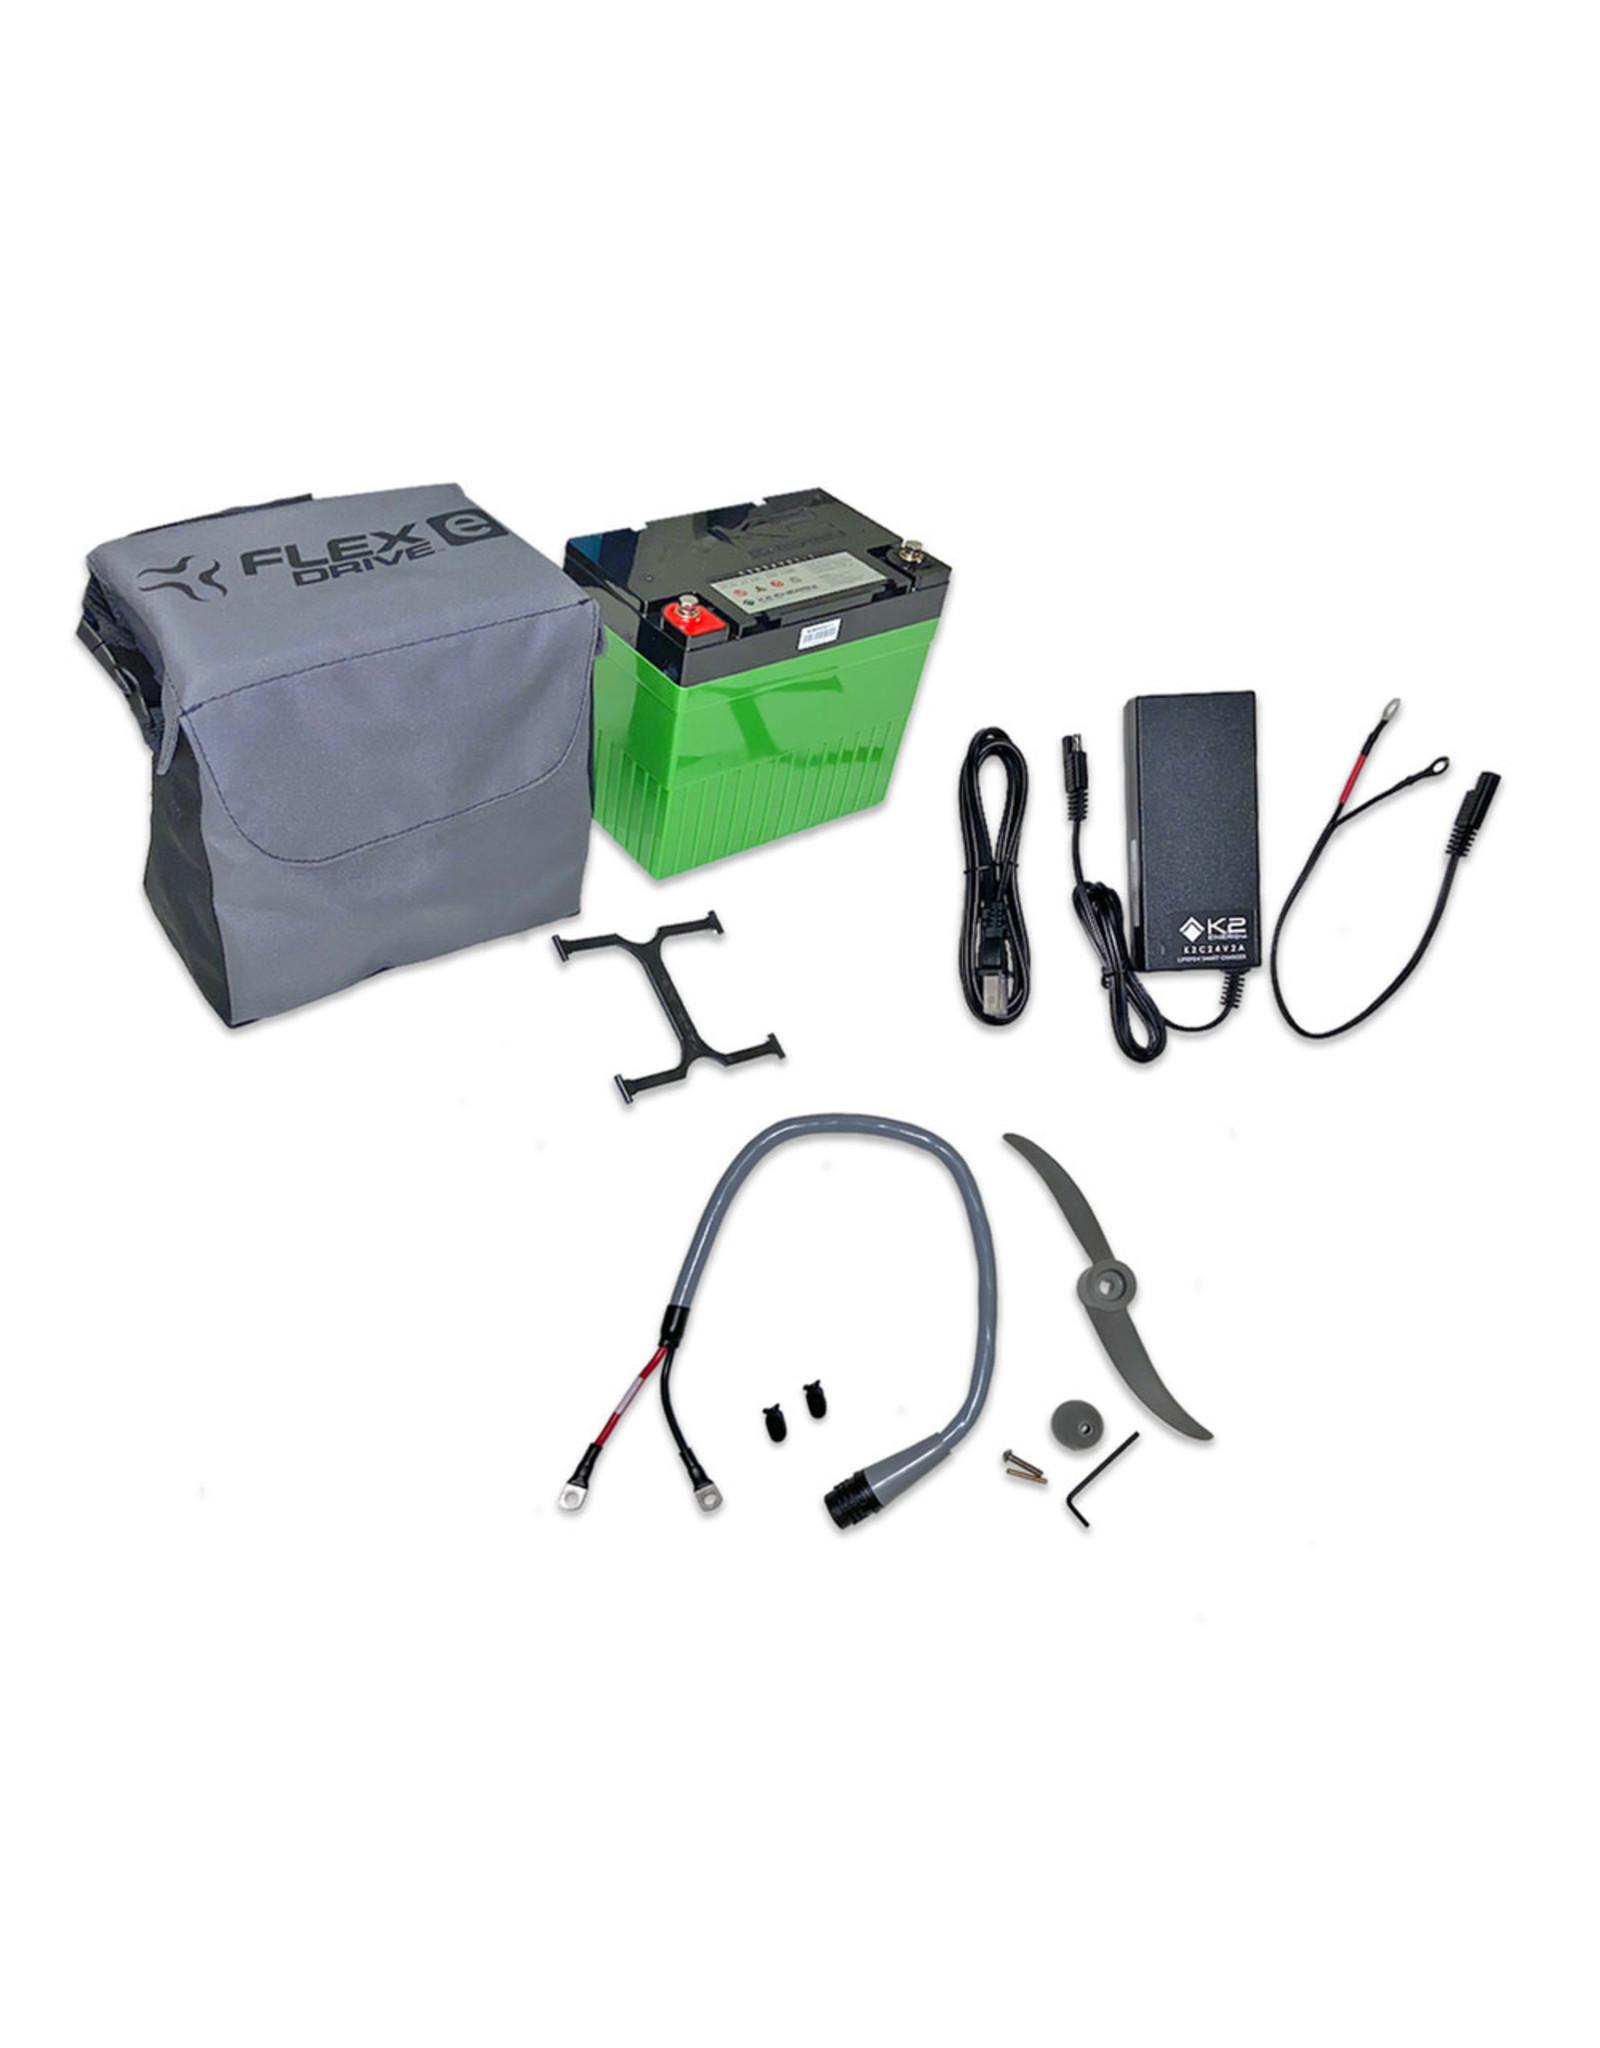 Jackson Kayaks Jackson Acc. Batterie - 24V 22 AH K2 Lithium Battery Kit